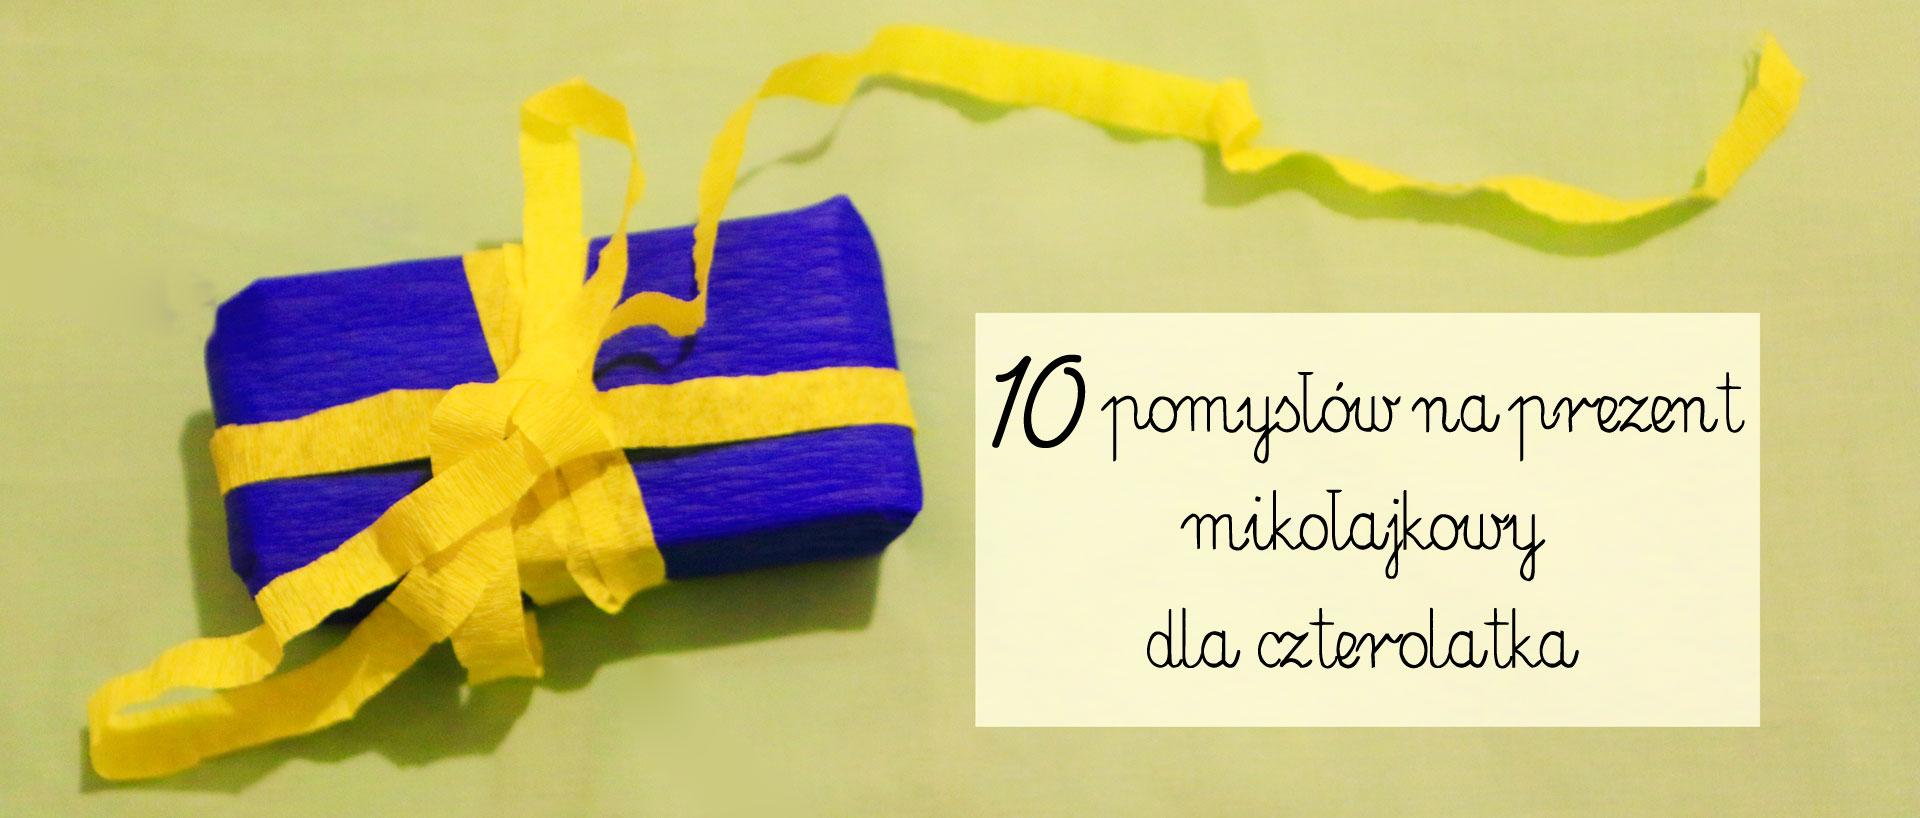 pomysł na prezent dla czterolatka, tani prezent mikołajkowy, prezent mikołajkowy dla czterolatka